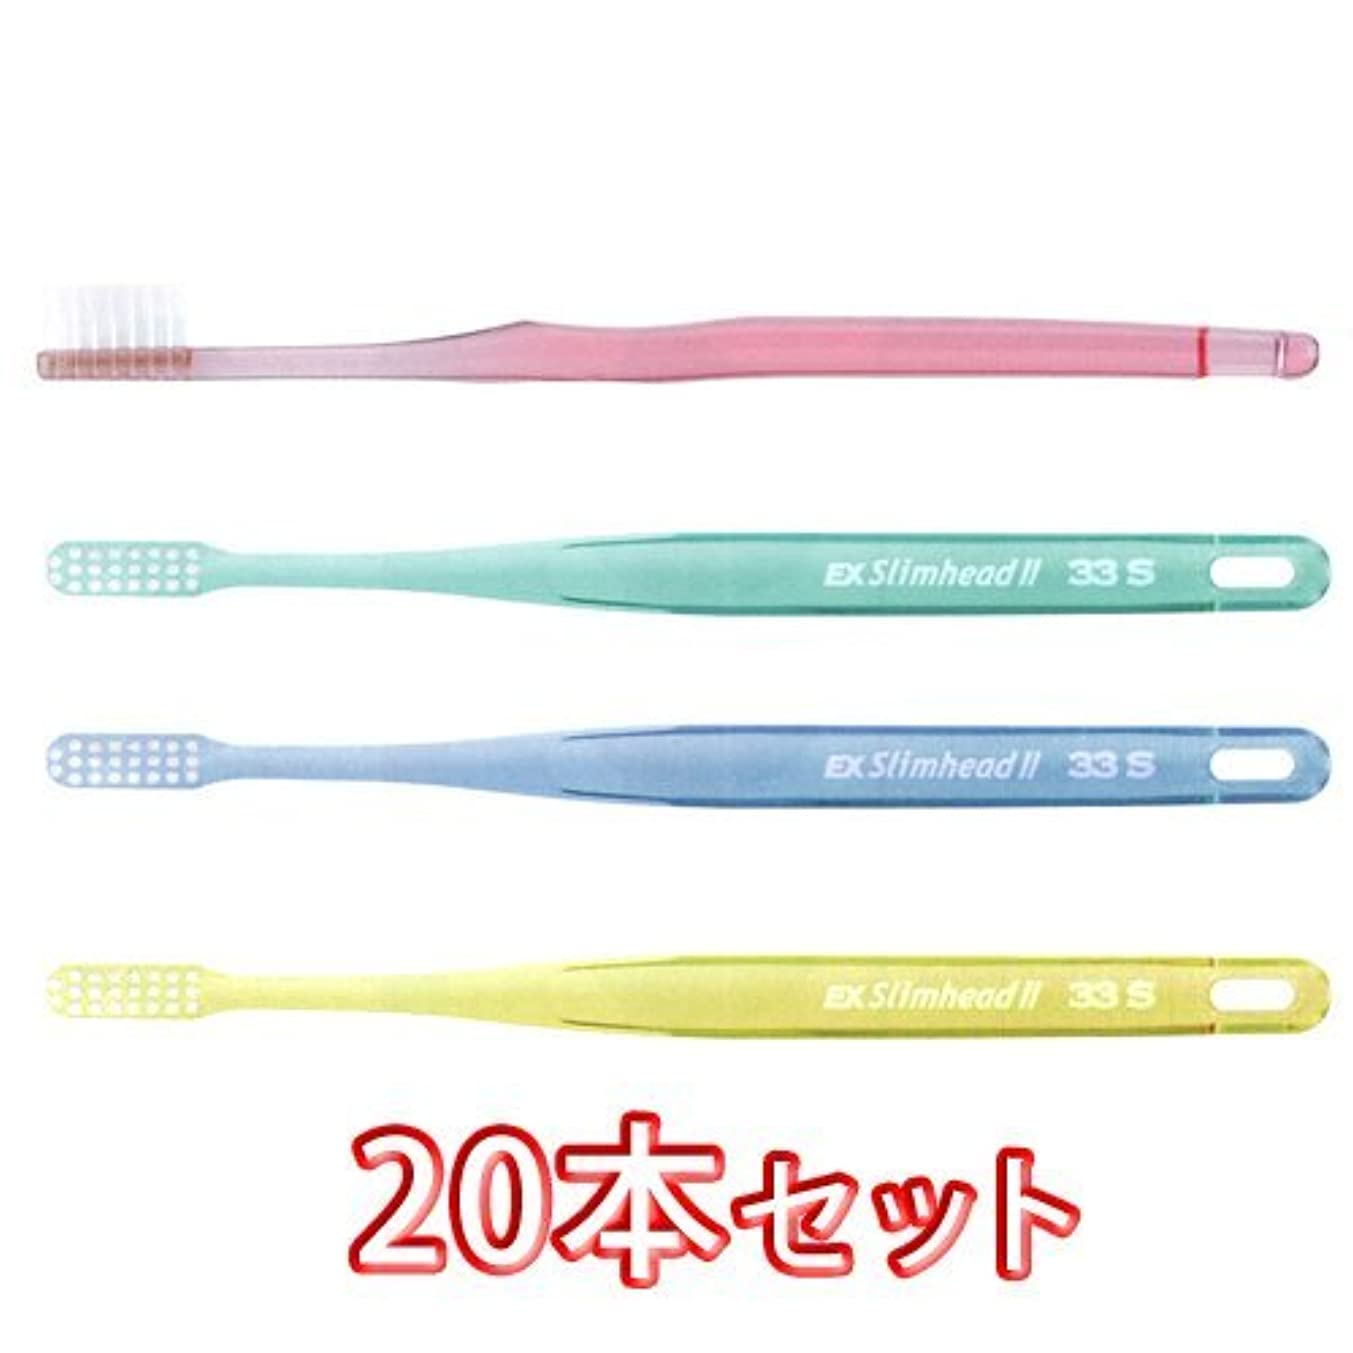 耐えられないセッティングくつろぐライオン スリムヘッド2 歯ブラシ DENT . EX Slimhead2 20本入 (33S)